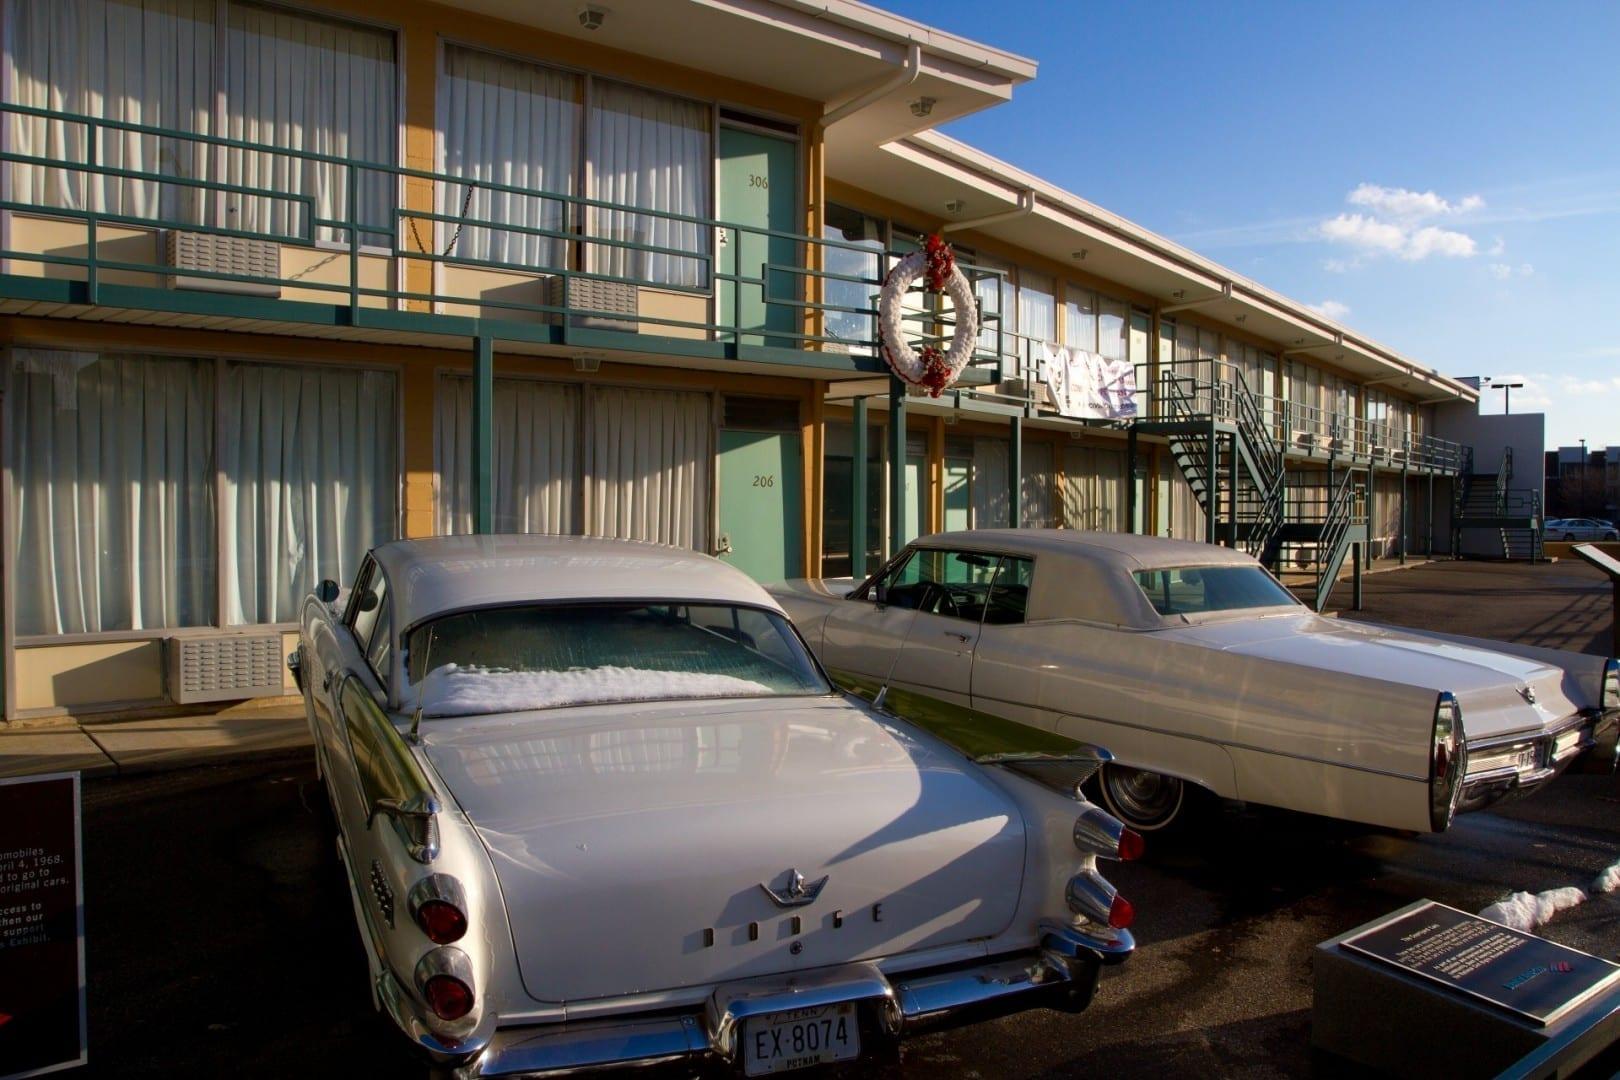 Una corona que marca el lugar donde Martin Luther King Jr. fue asesinado, el Motel Lorraine, el Museo Nacional de Derechos Civiles Memphis (Tennessee) Estados Unidos